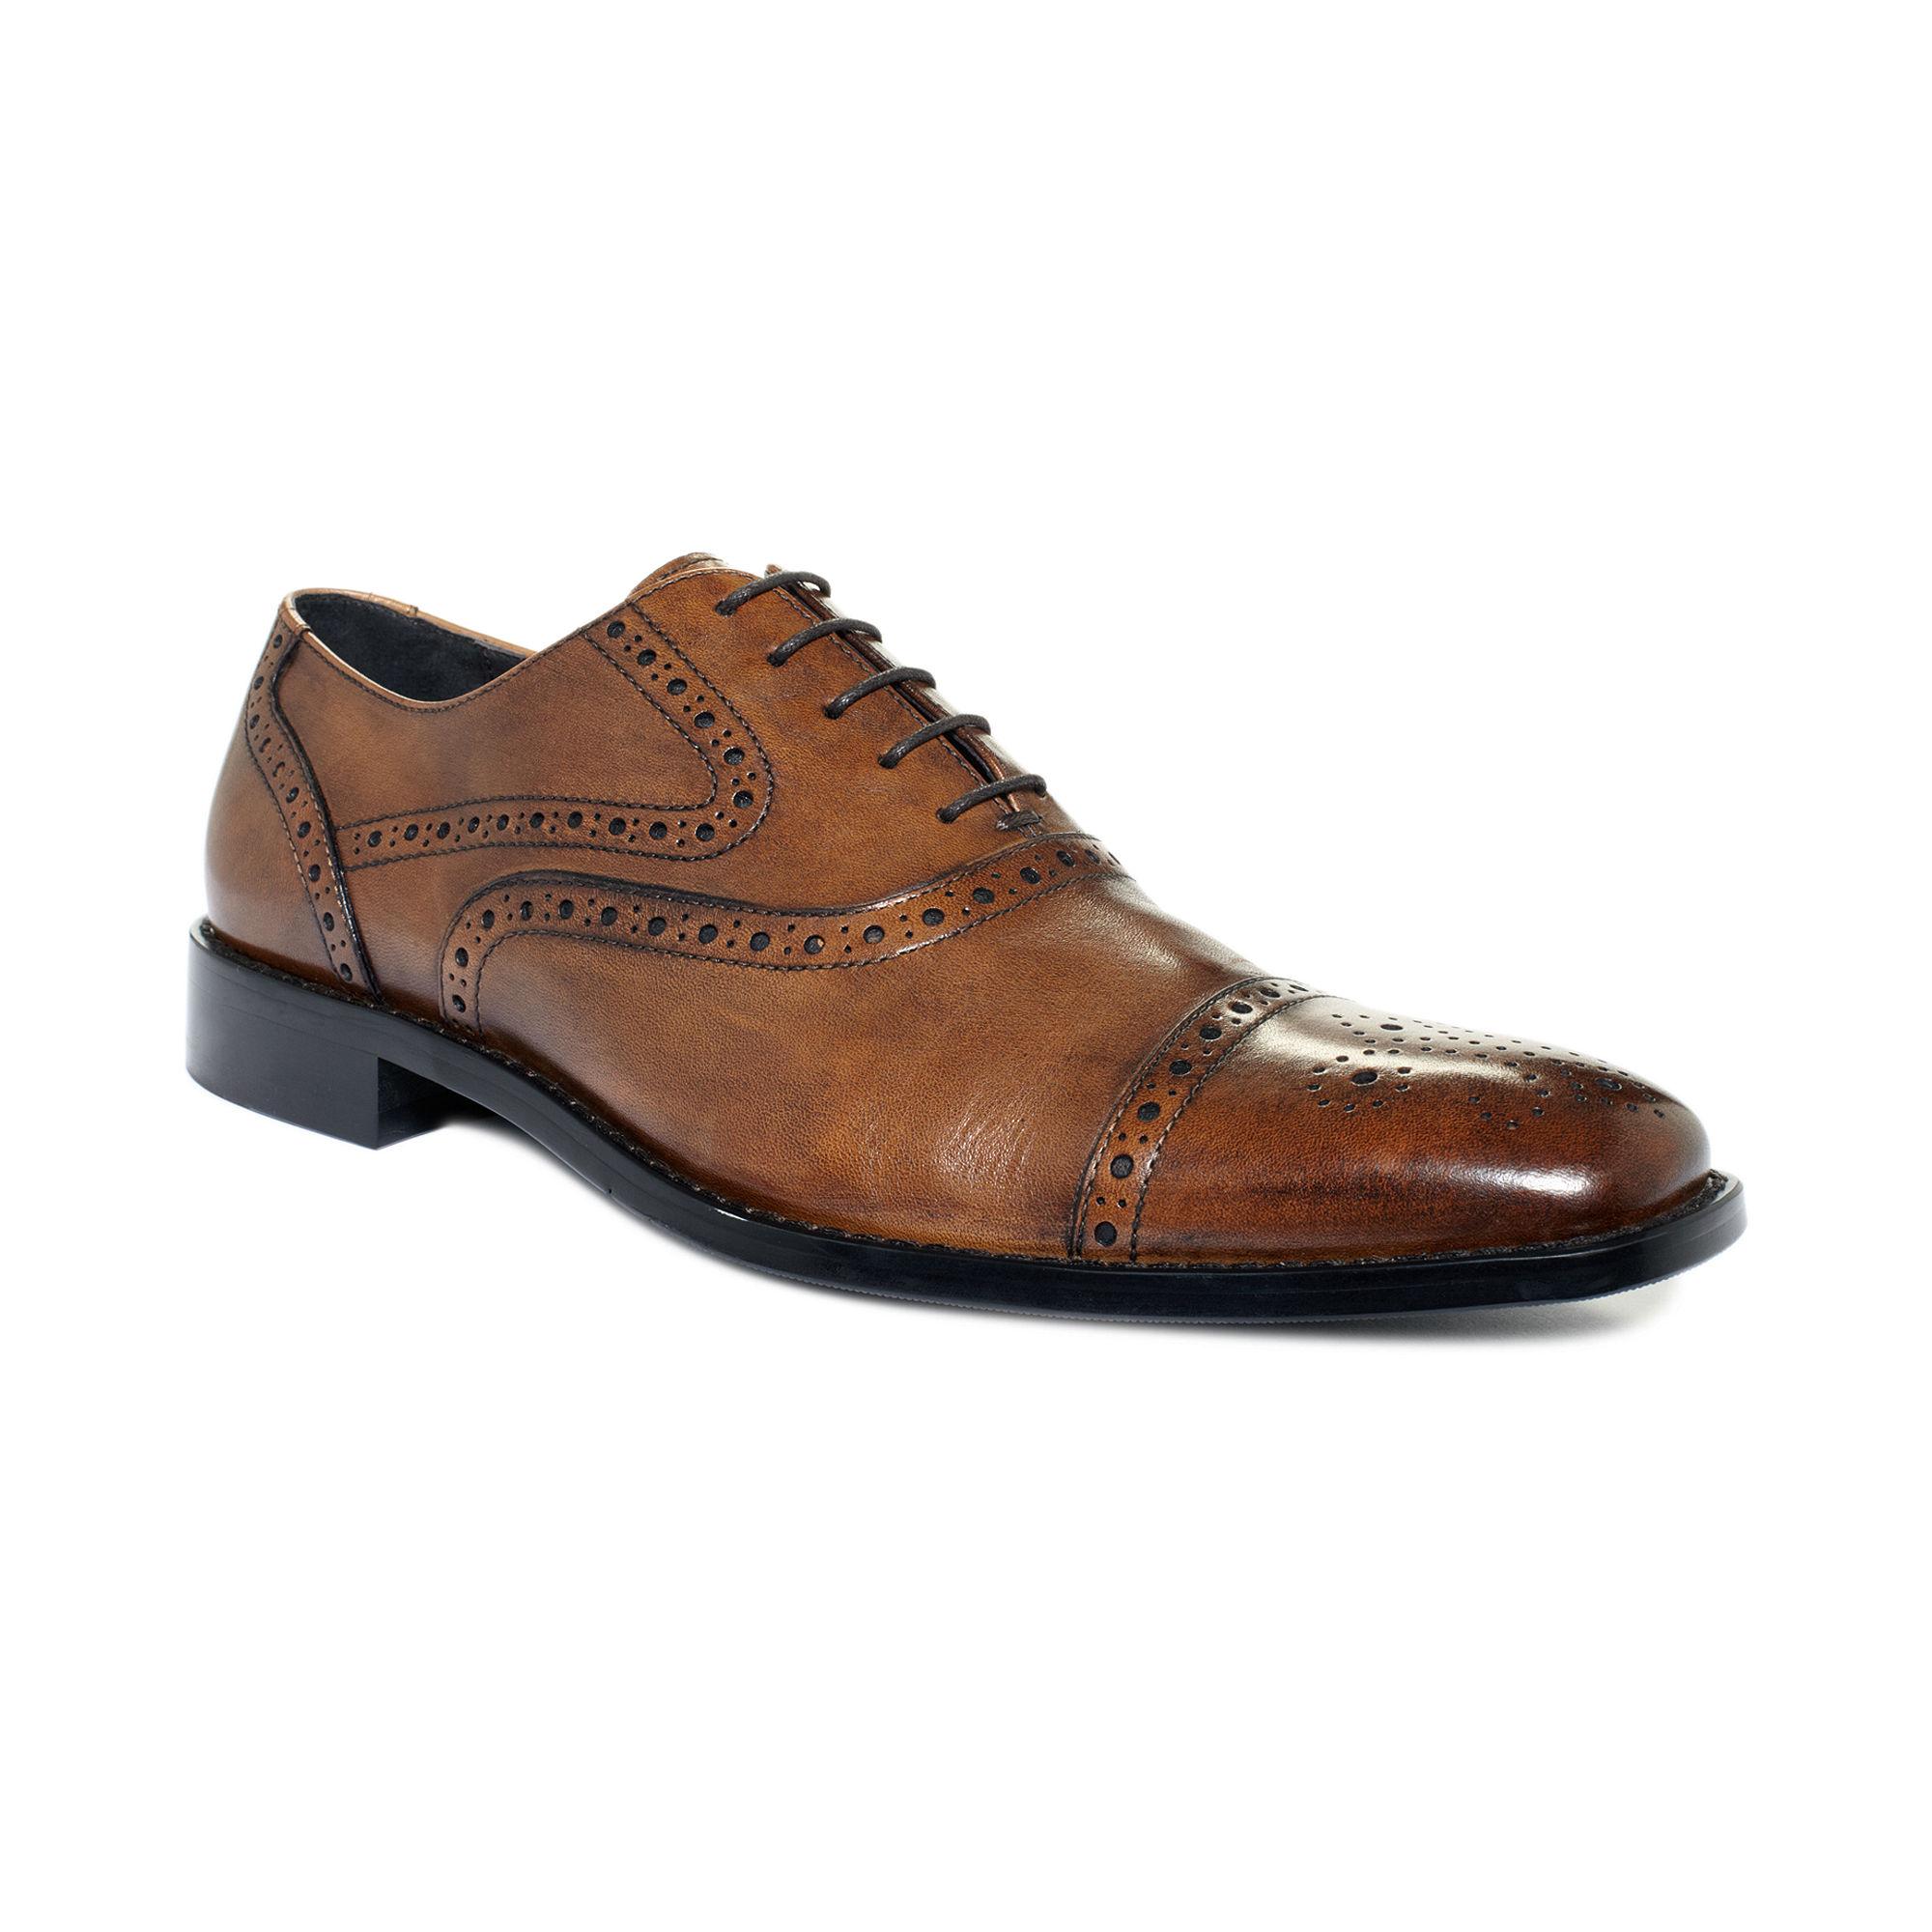 Mens Dress Sandals February 2014